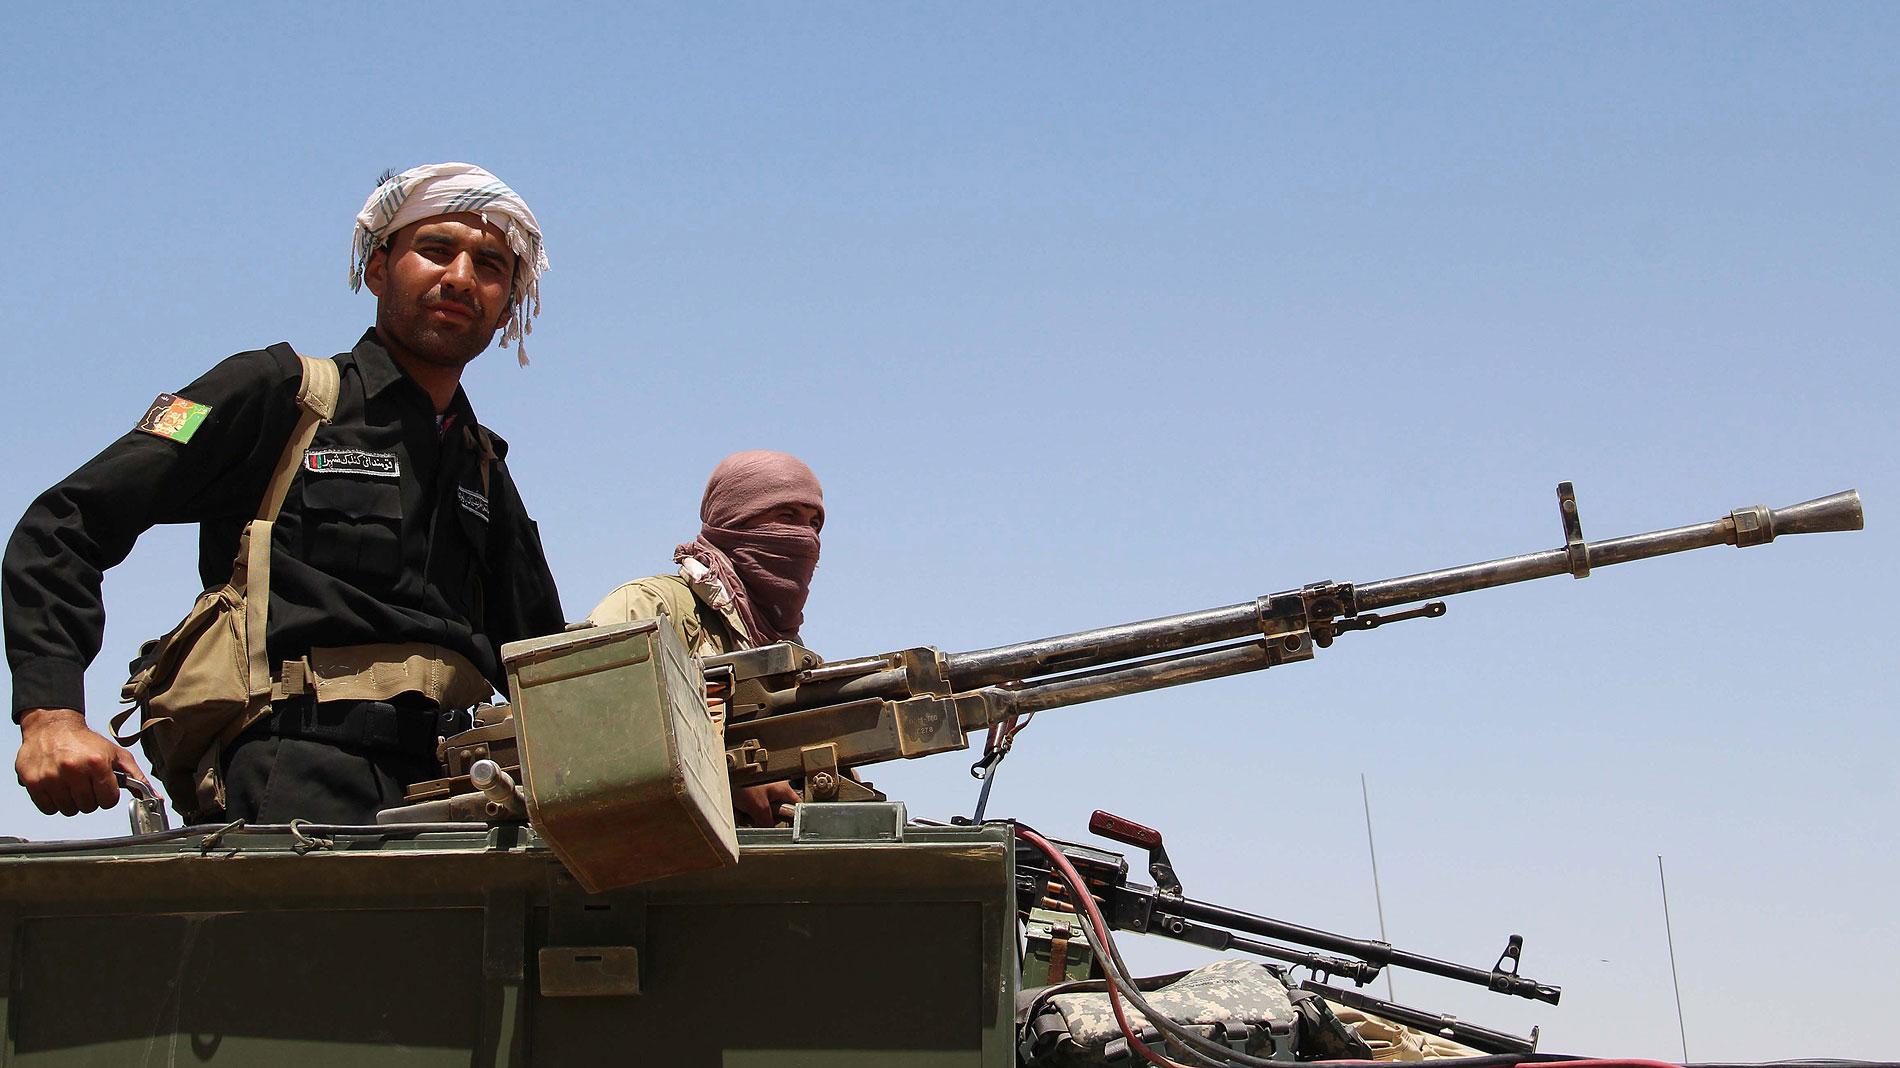 Ir al VideoLa guerra continúa en Afganistán 18 años después de su inicio